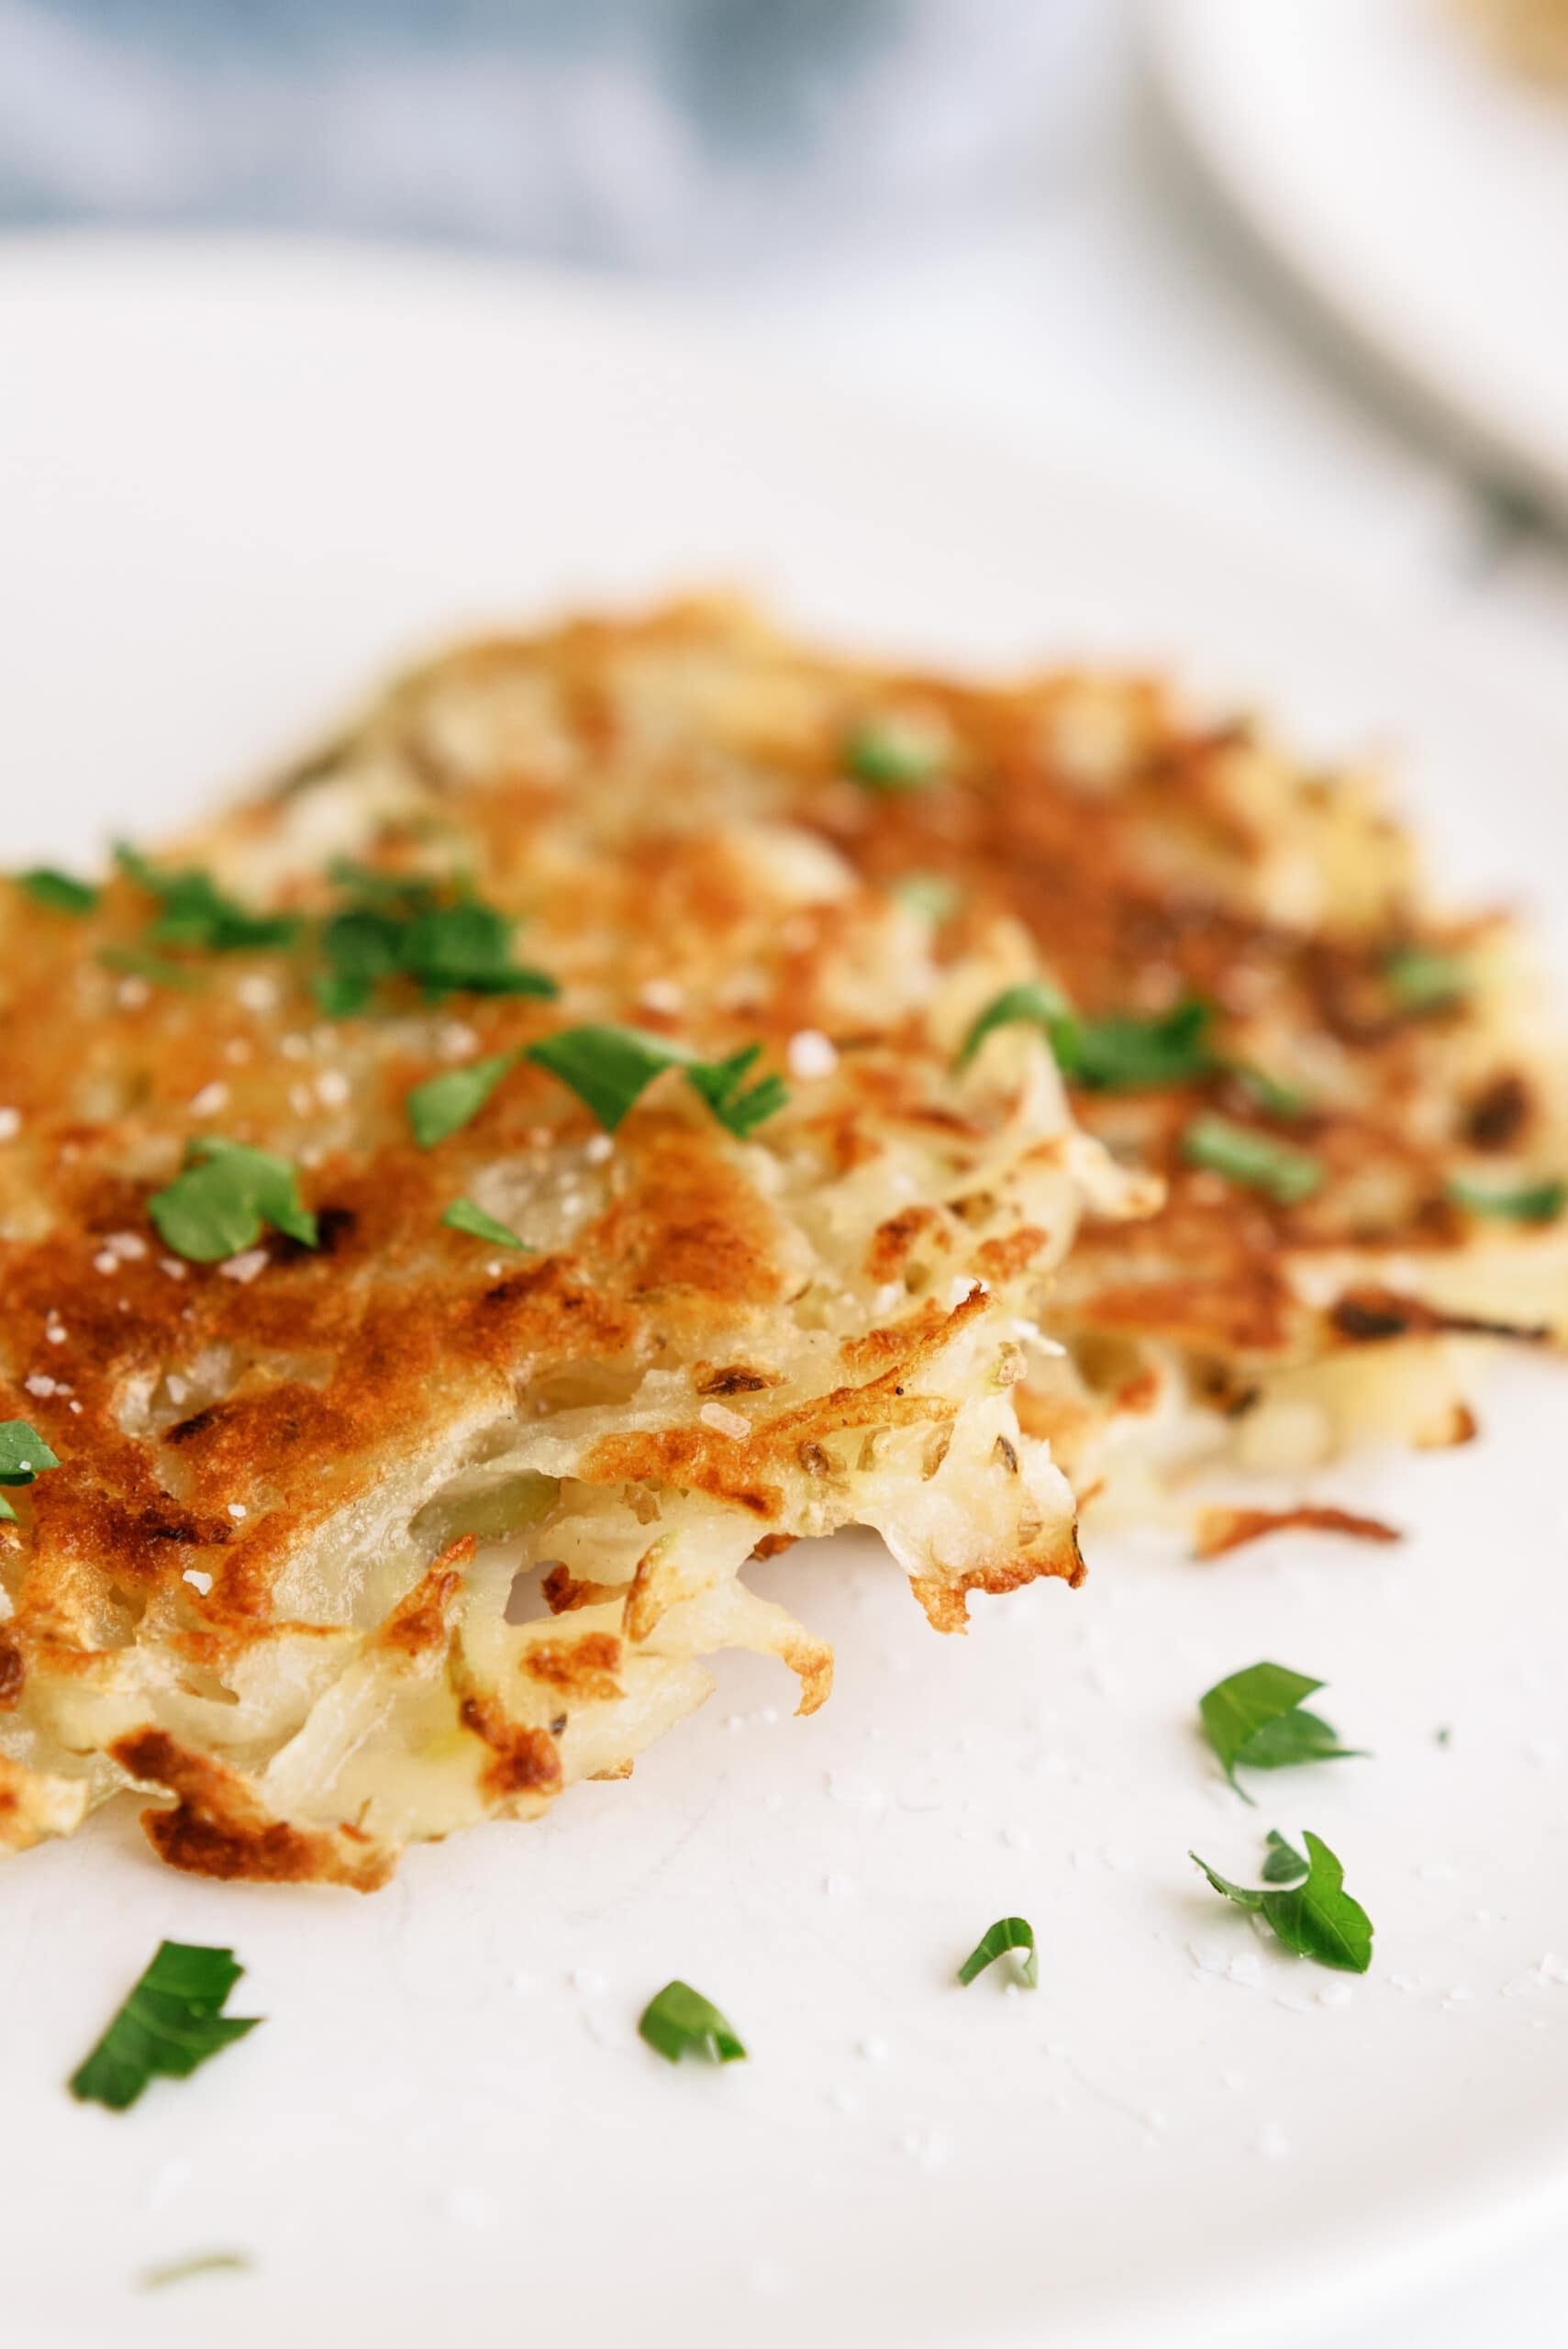 potato pancakes on a white plate